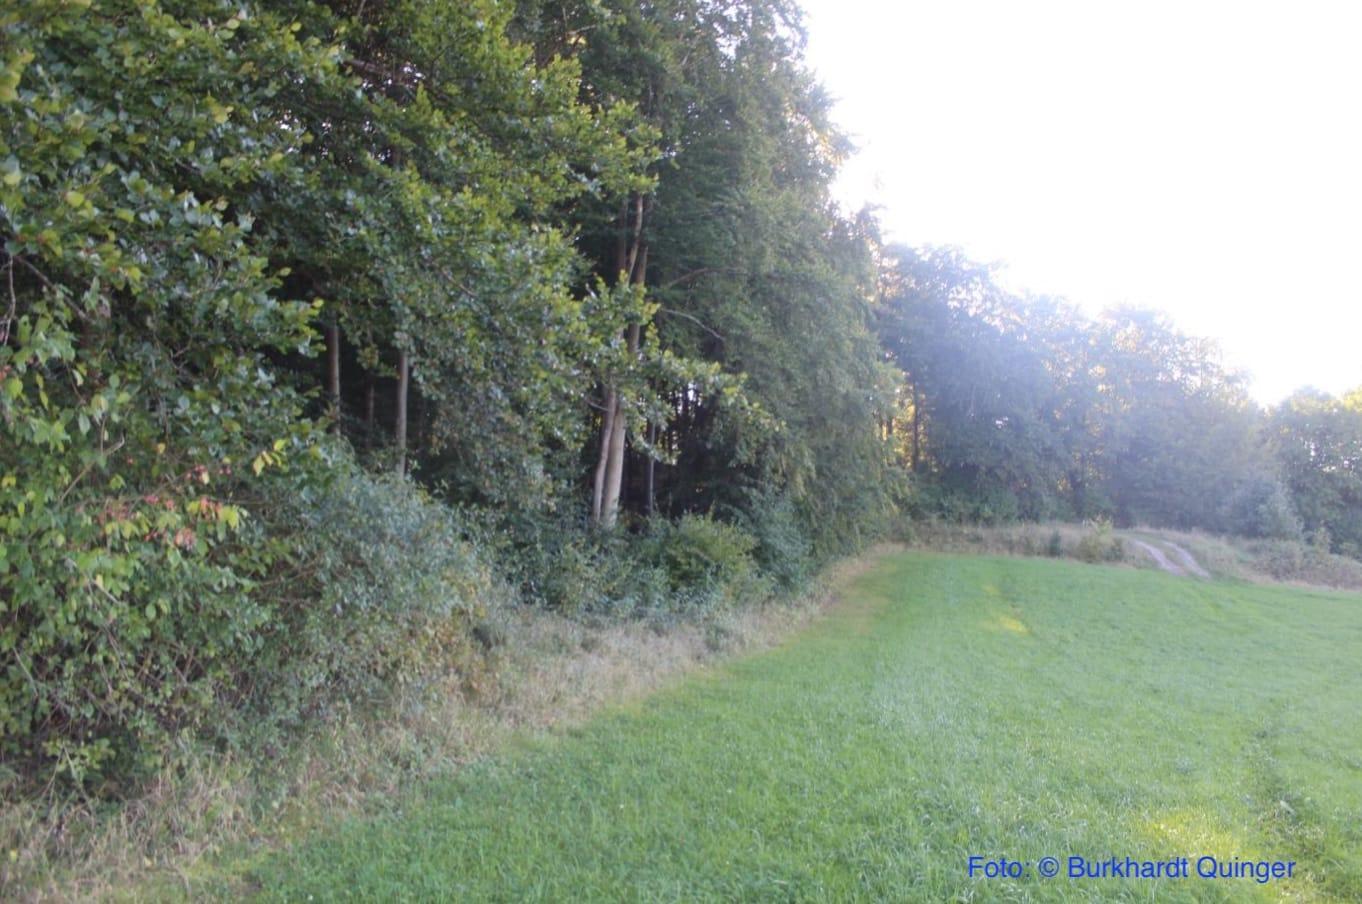 Kuckuckswald-2020-07-29